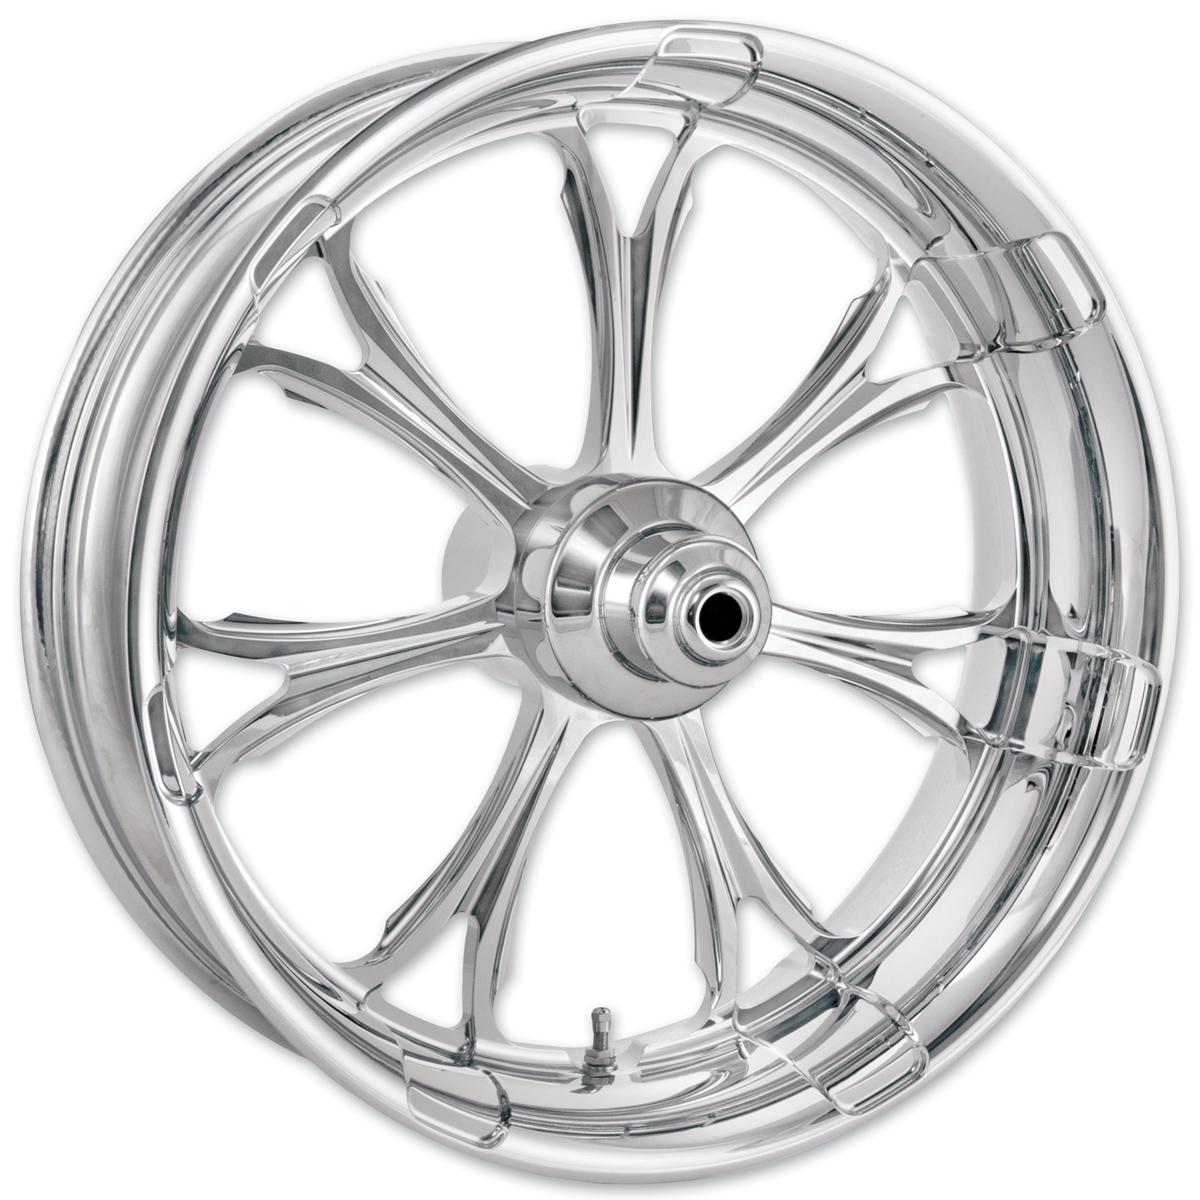 Performance Machine Paramount Chrome Front Wheel 18x3.5 Non-ABS